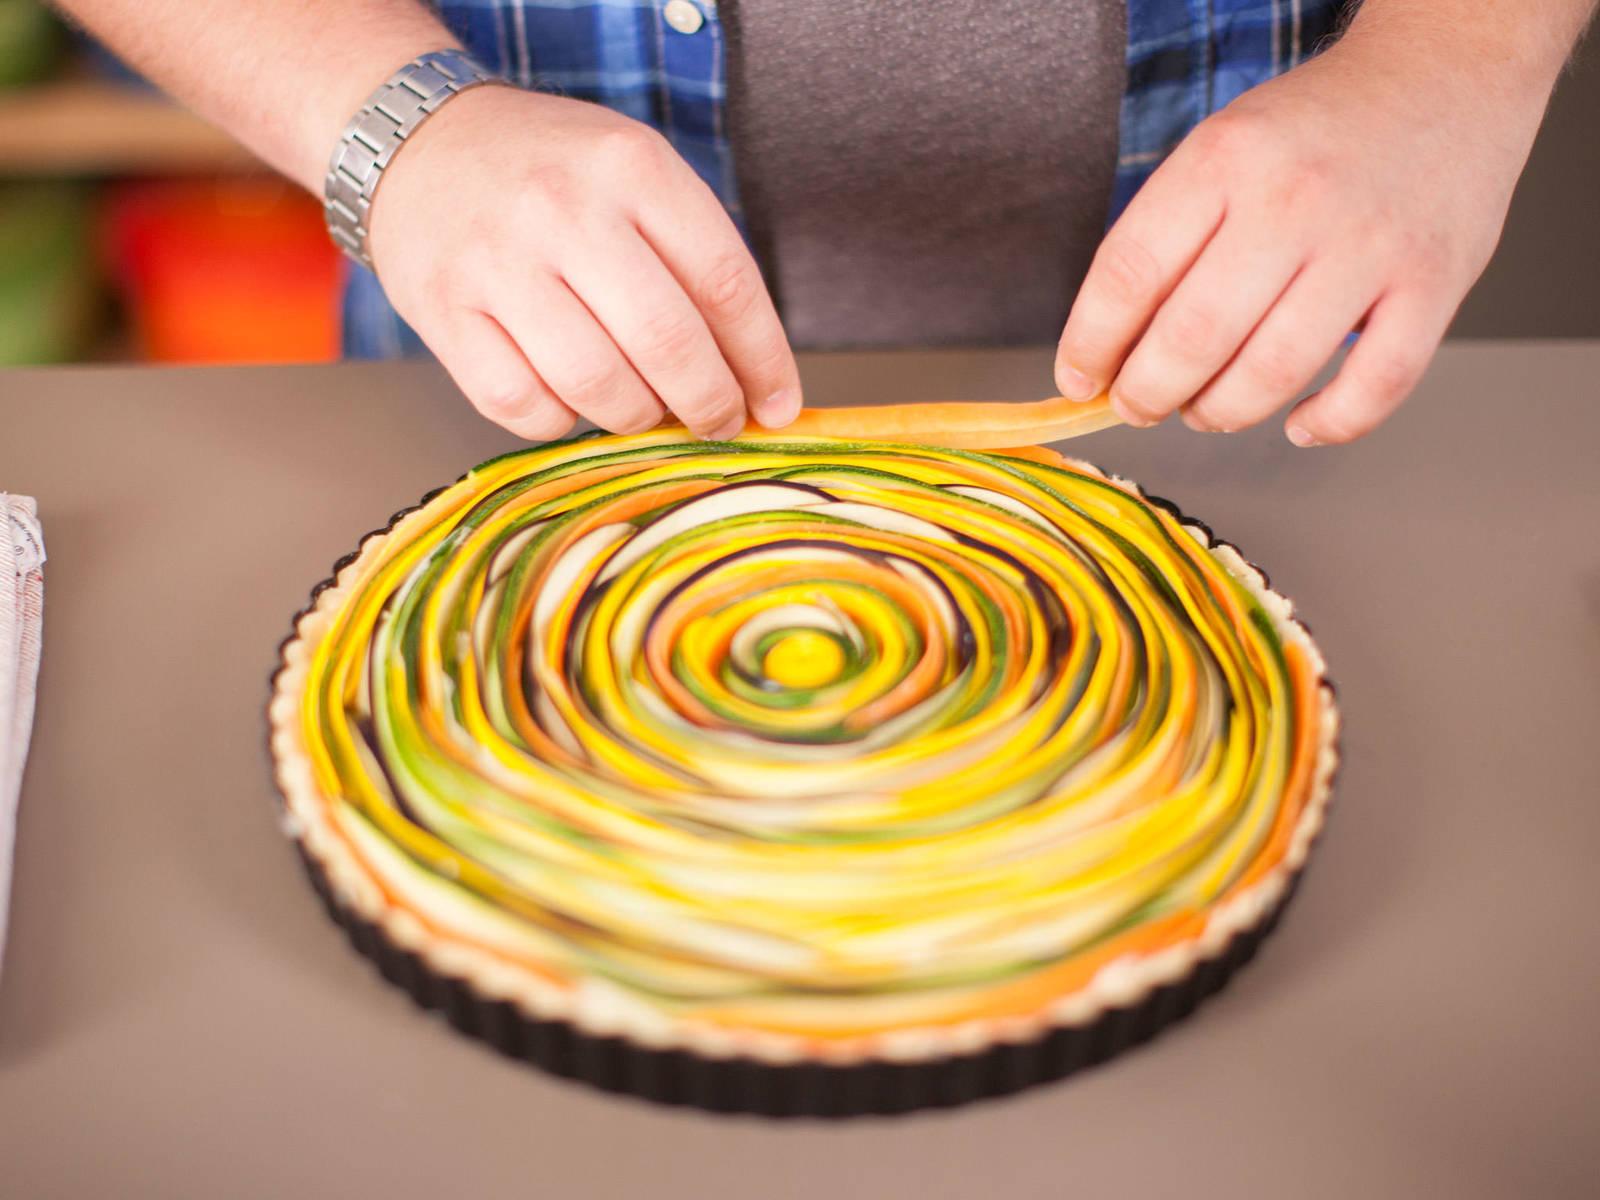 将烤箱温度上调至 190°C/375°F。去除馅饼盘上的烘焙纸和镇石。将奶酪倒入馅饼中。将蔬菜摆成的螺旋形状小心移入馅饼盘,用手将松动的部分固定住。在馅饼顶部抹上橄榄油,然后烤 40 – 50 分钟。